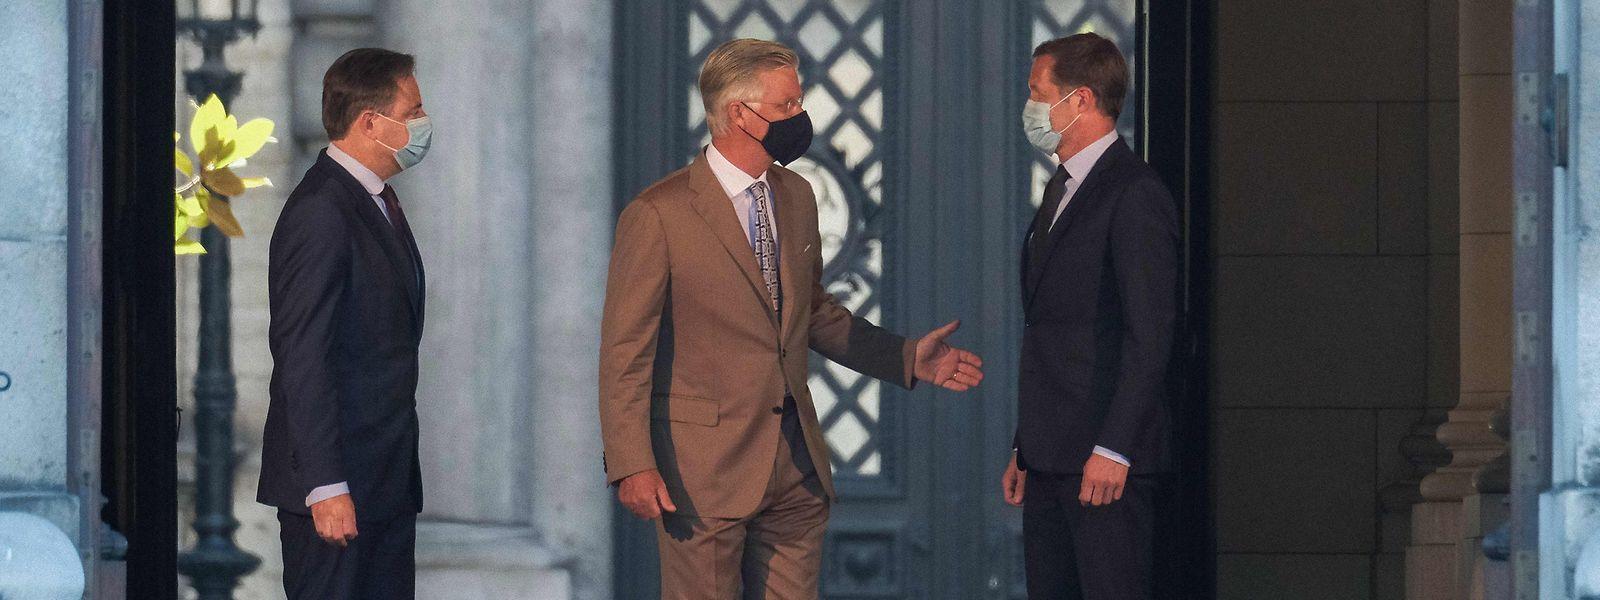 Bart De Wever, le roi Philippe et Paul Magnette ont programmé un troisième rendez-vous dans une semaine.